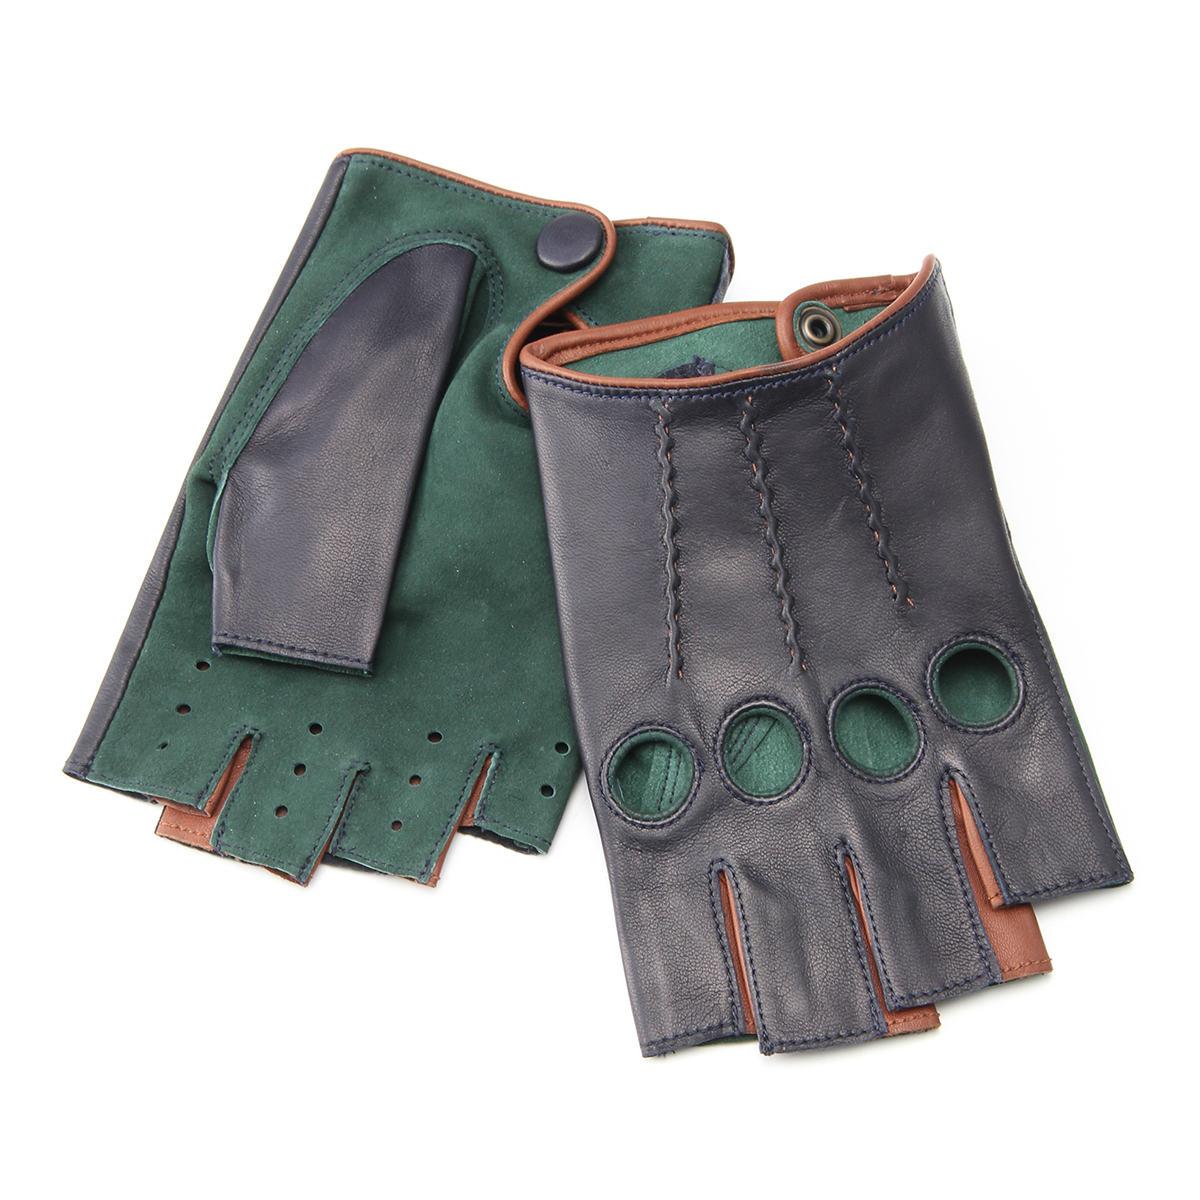 半指 本革 ドライビンググローブ メンズ 羊革 スエード アルタクラッセ カプリガンティ ネイビー×グリーン 保存袋付 箱入